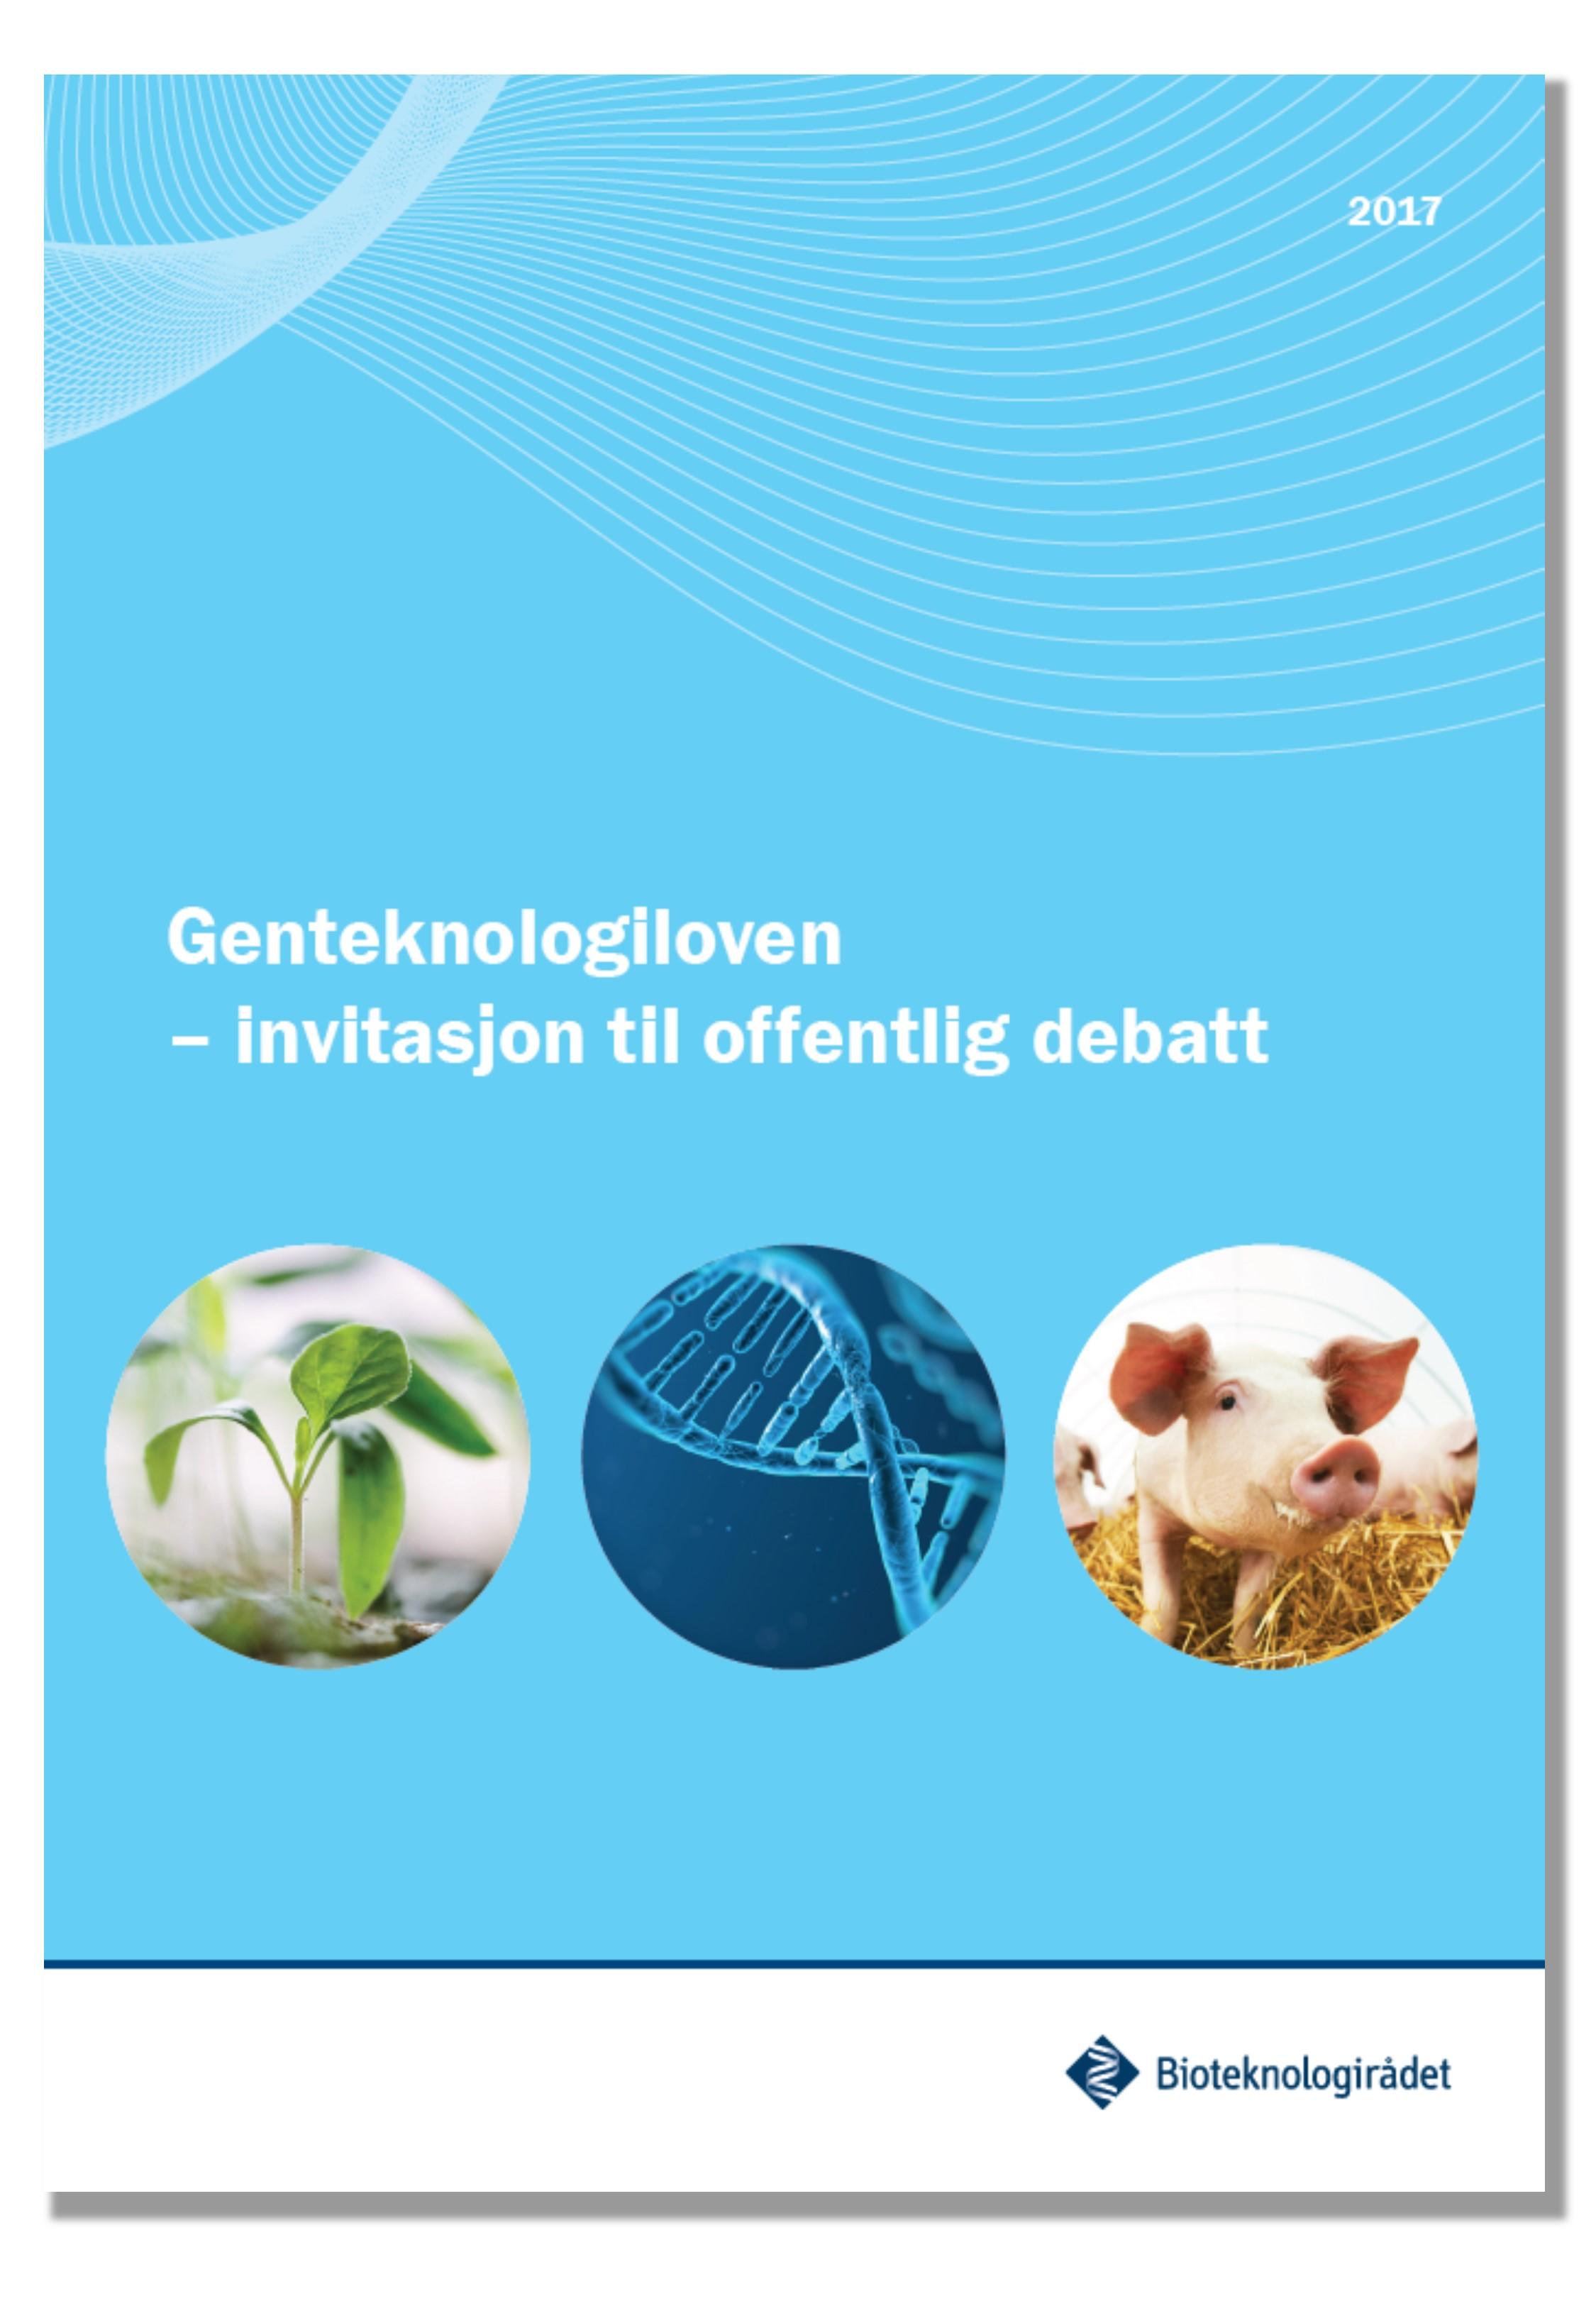 bioteknologi og genteknologi sammendrag